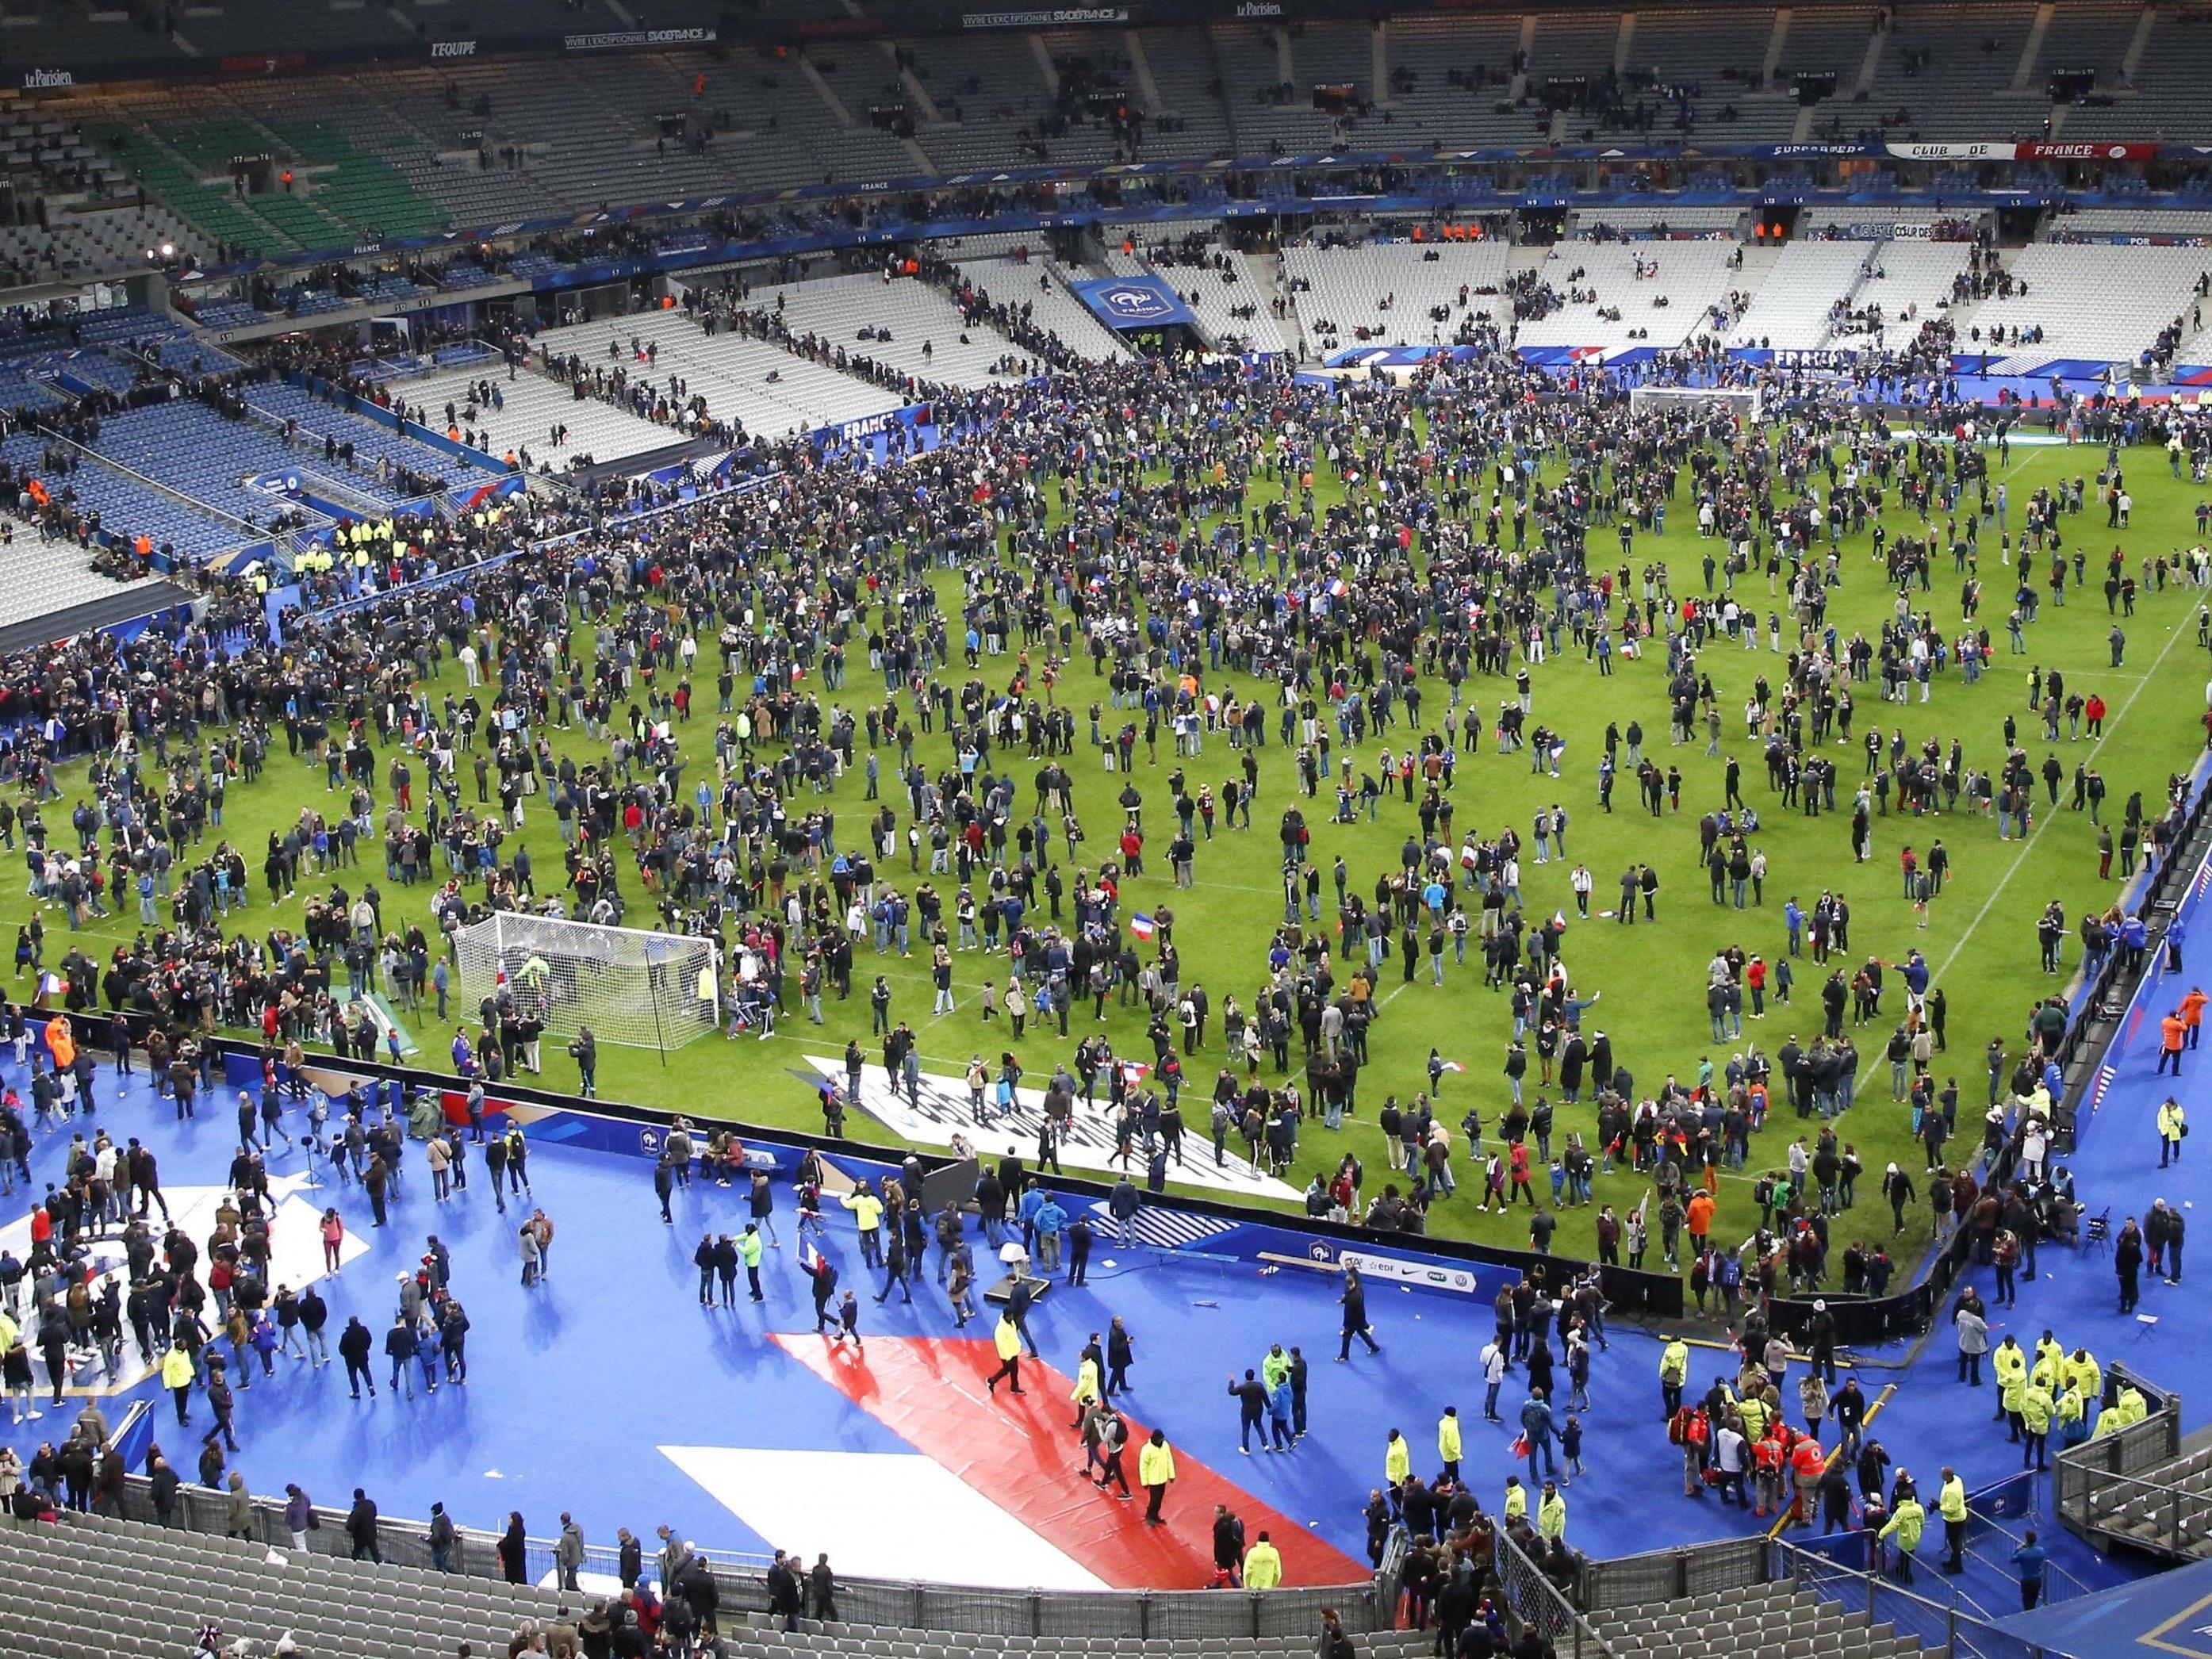 Ein Jahr nach den Terrorattacken von Paris spielt Frankreich im Stade de France gegen Schweden.